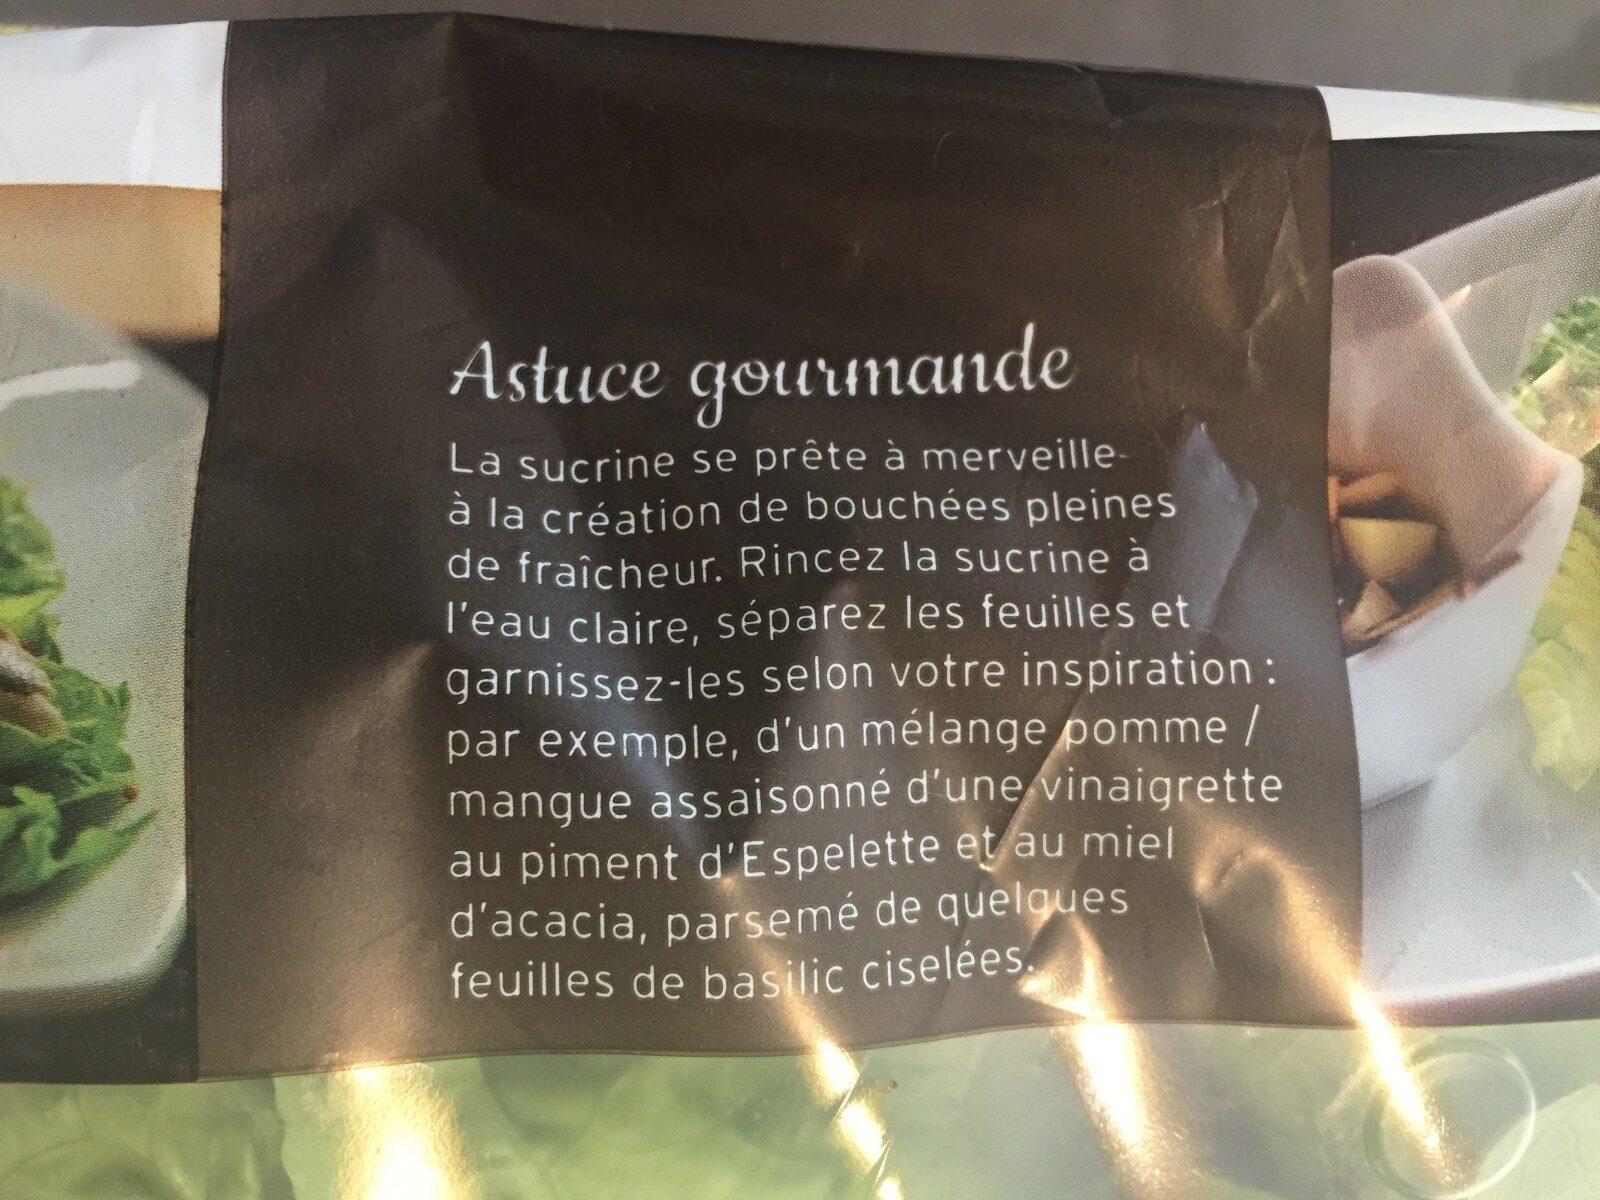 Salade, Variété Sucrine, Catégorie 1 - Ingredients - fr